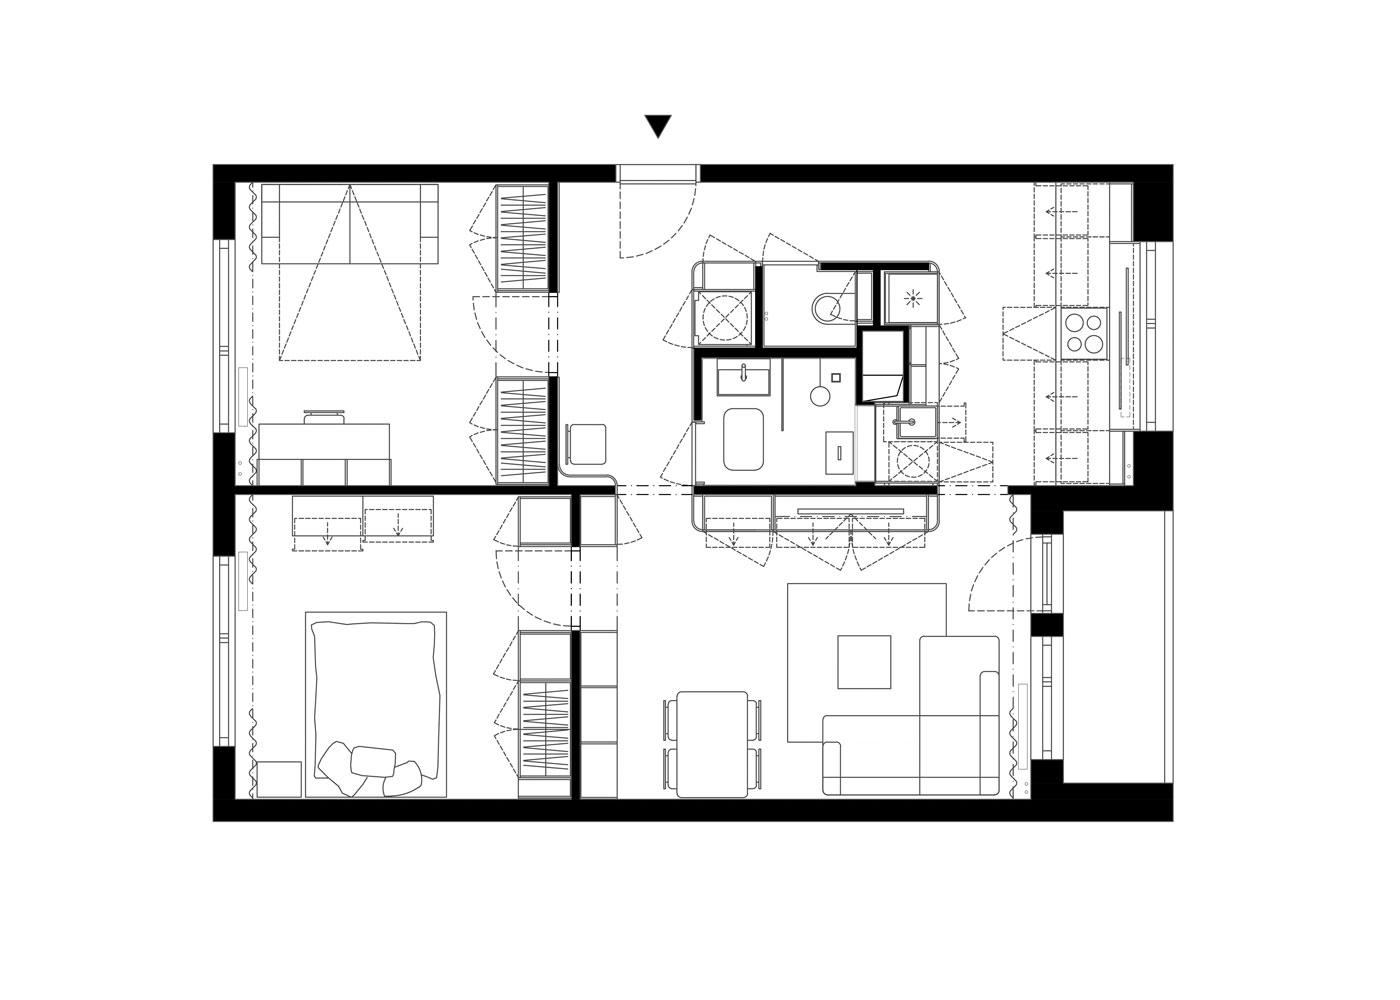 noiz-architekti-interier-byt-lotysska-14